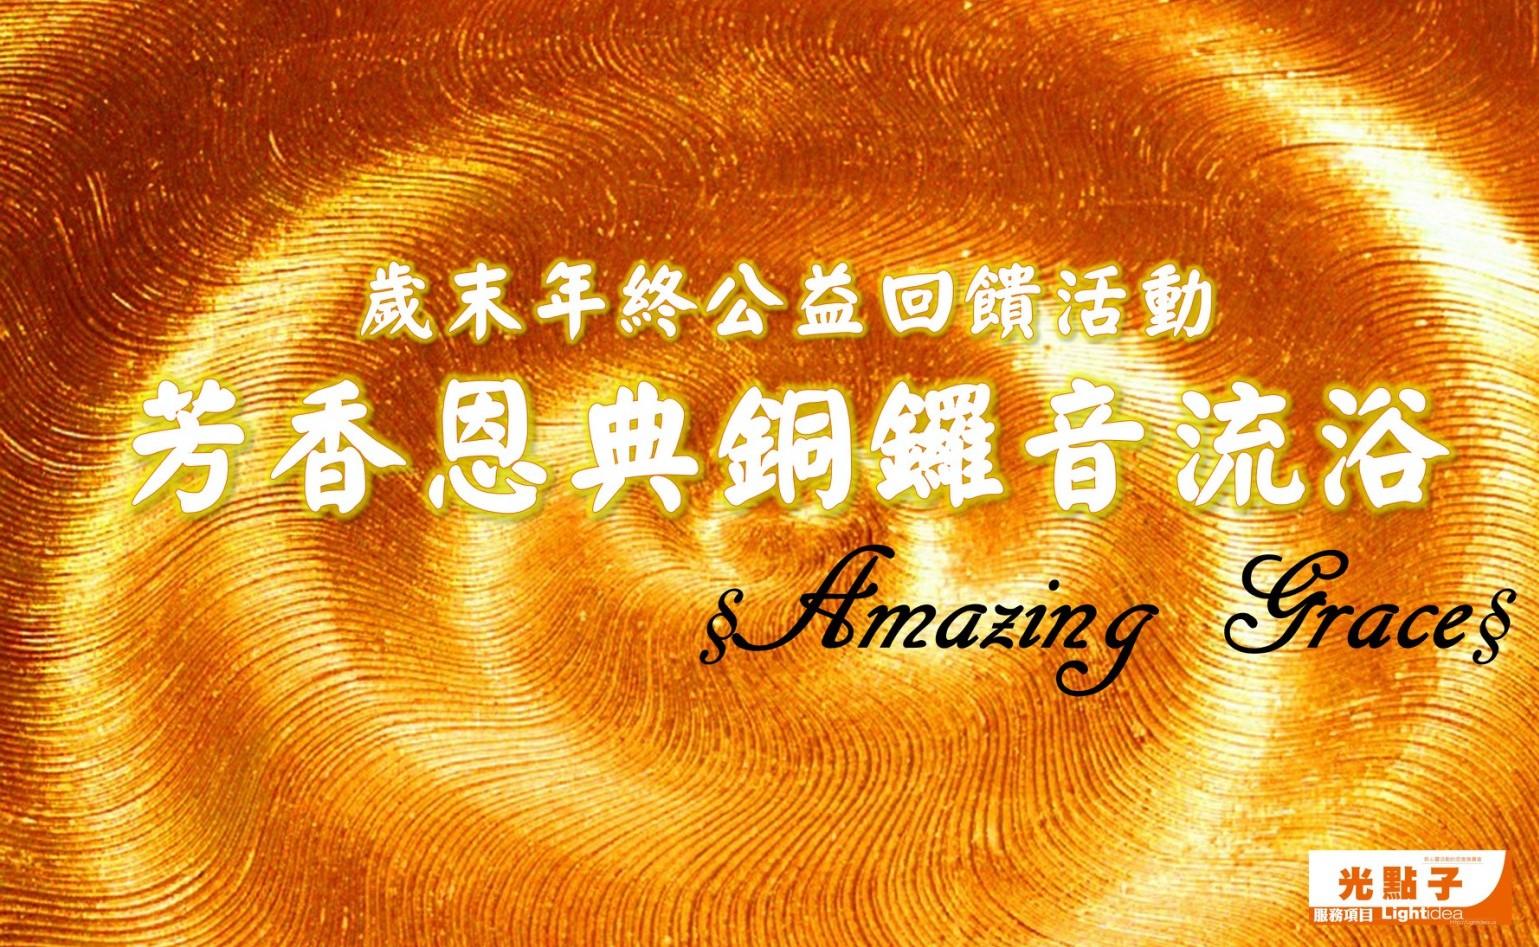 messageImage_1573721848506